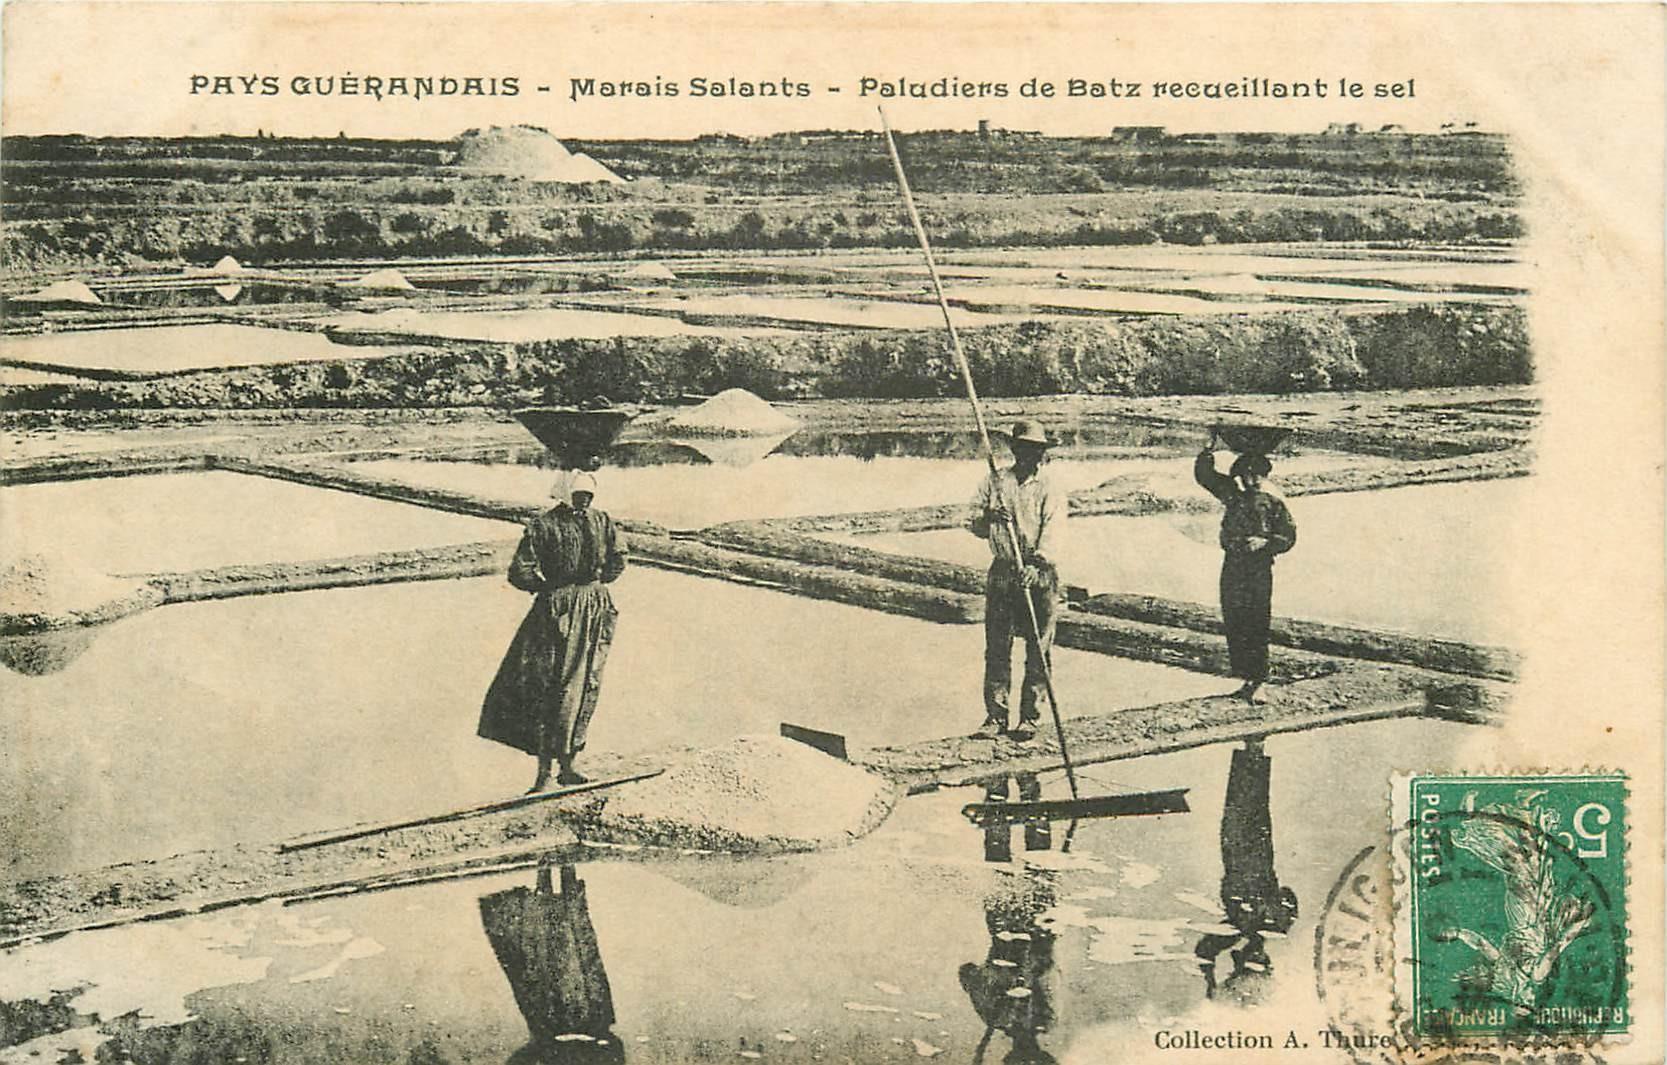 44 BATZ. Paludiers Guérandais recueillant le Sel dans les Marais Salants 1911